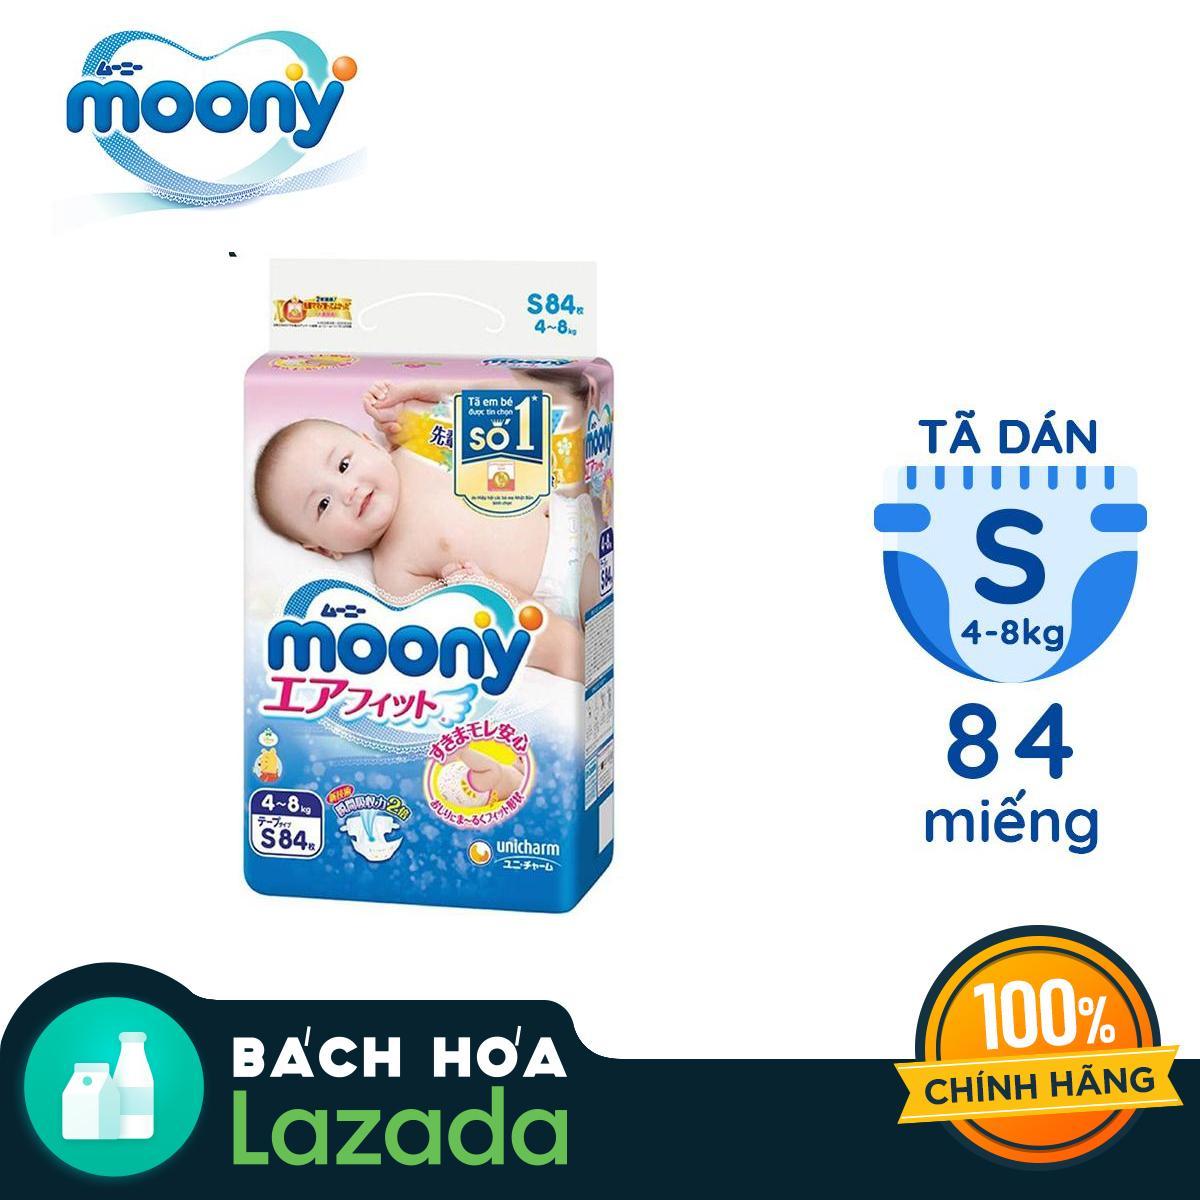 Tã Dán Moony S-84 Miếng (4 - 8kg) Giá Tiết Kiệm Nhất Thị Trường